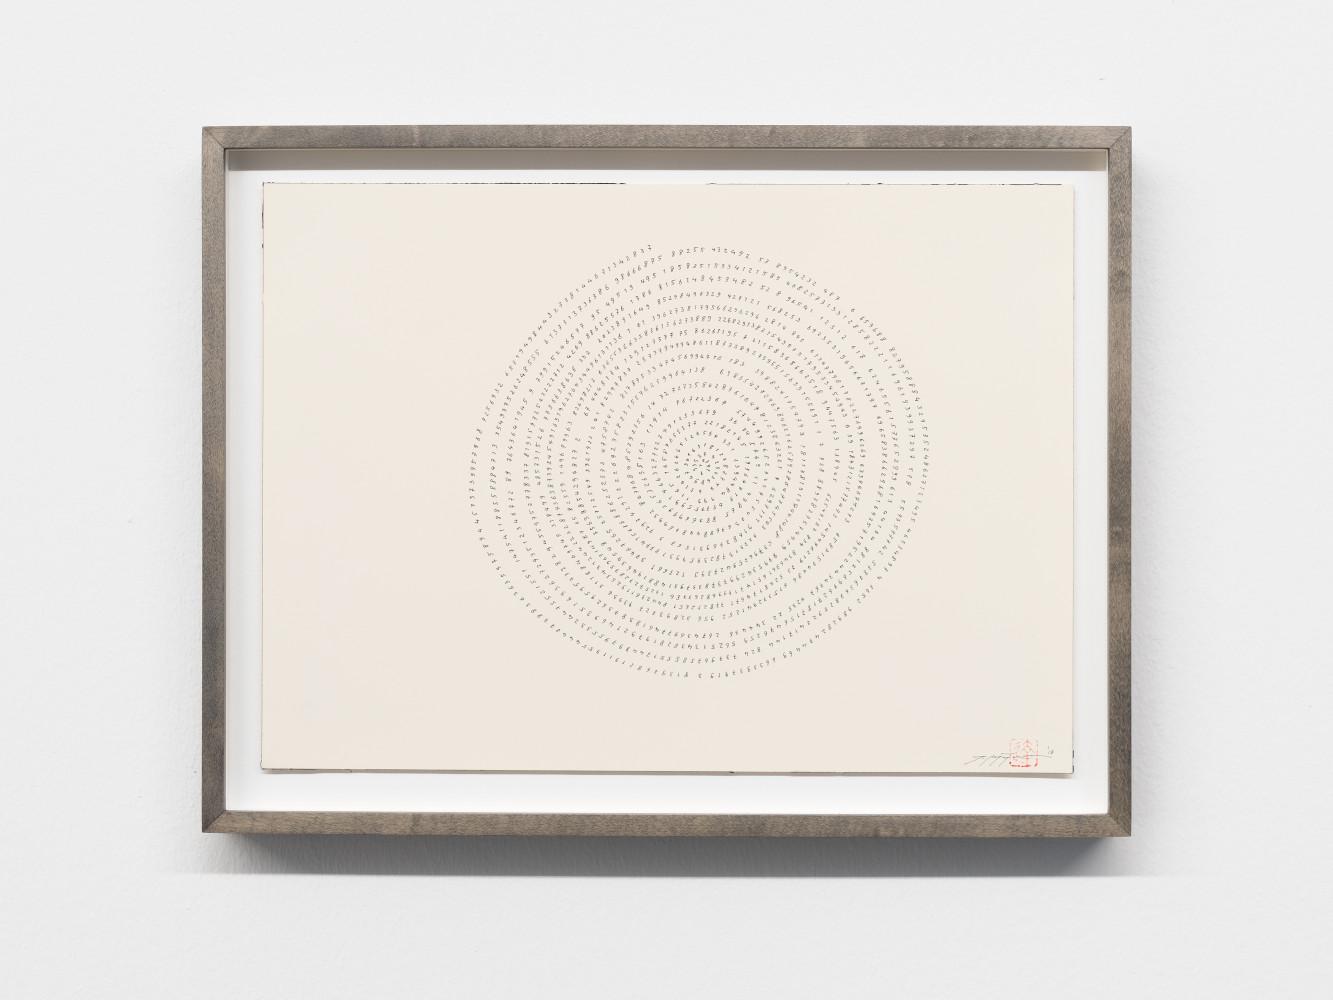 Tatsuo Miyajima, 'Hand-drawn Innumerable Counts 20180217', 2018